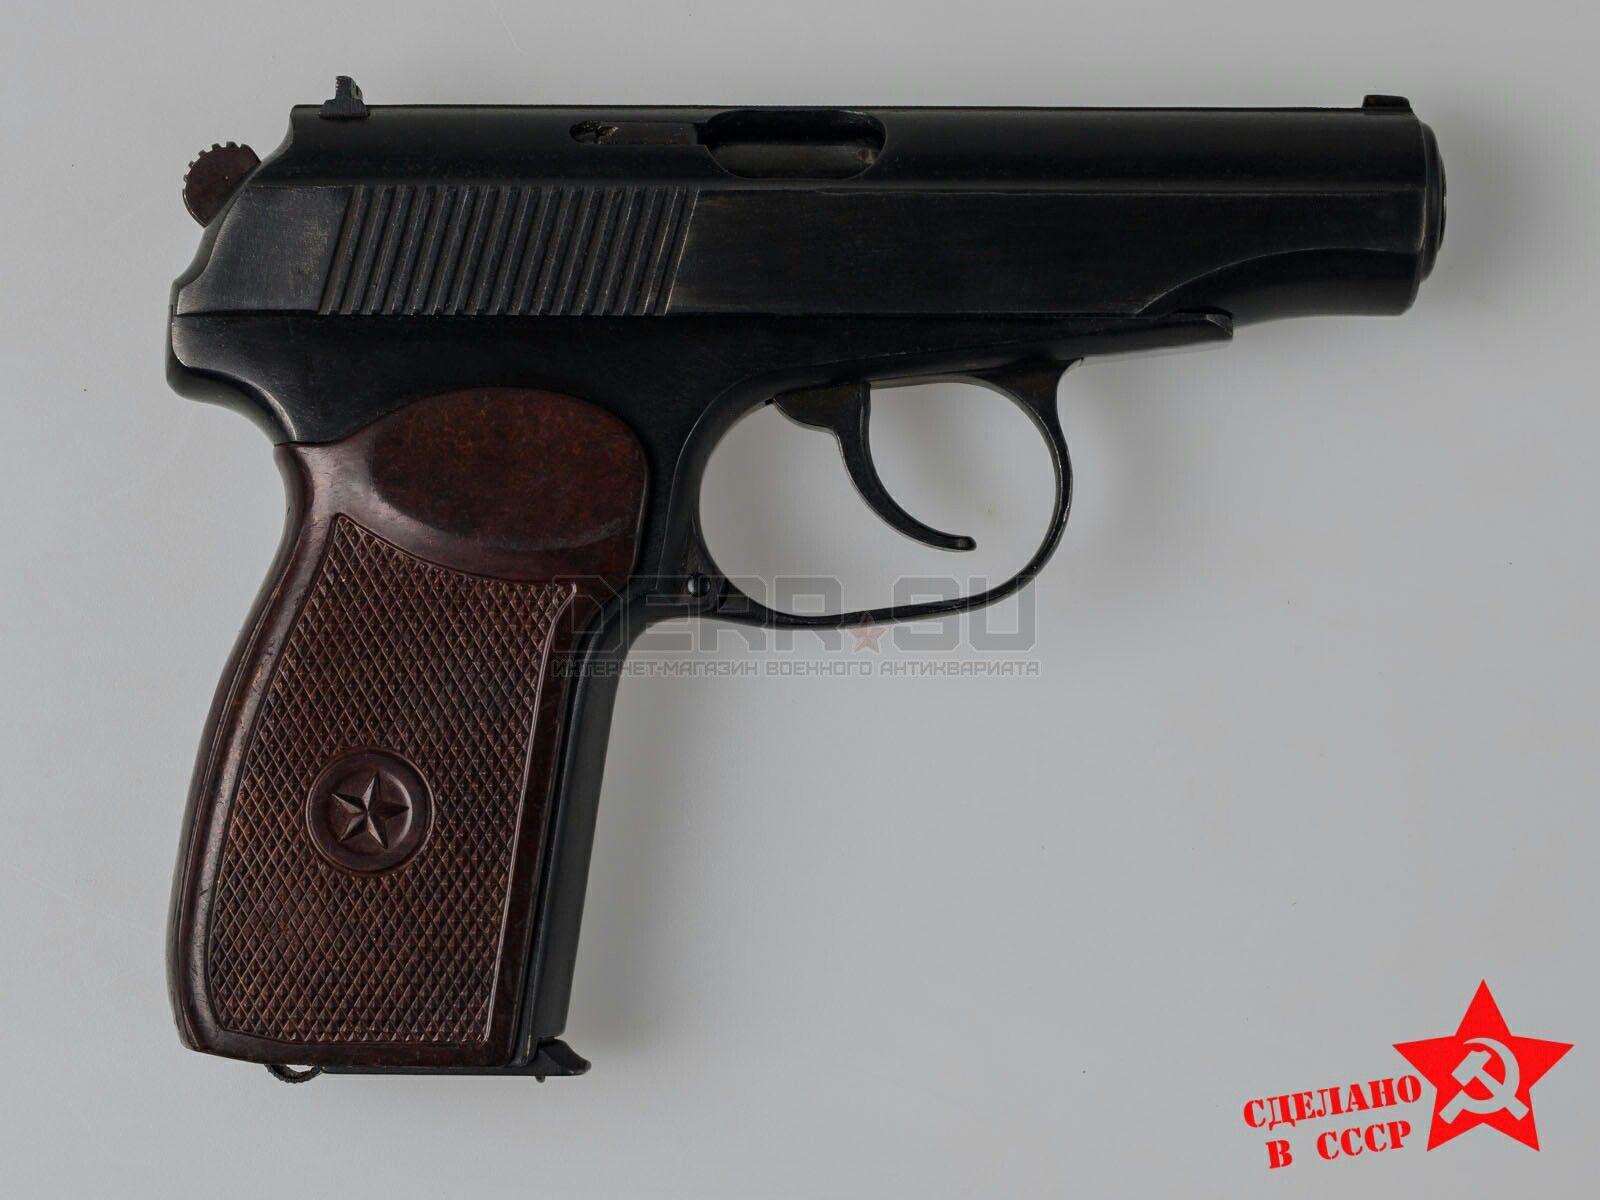 Пистолет макарова  — характеристики, описание, история создания, фото — история россии